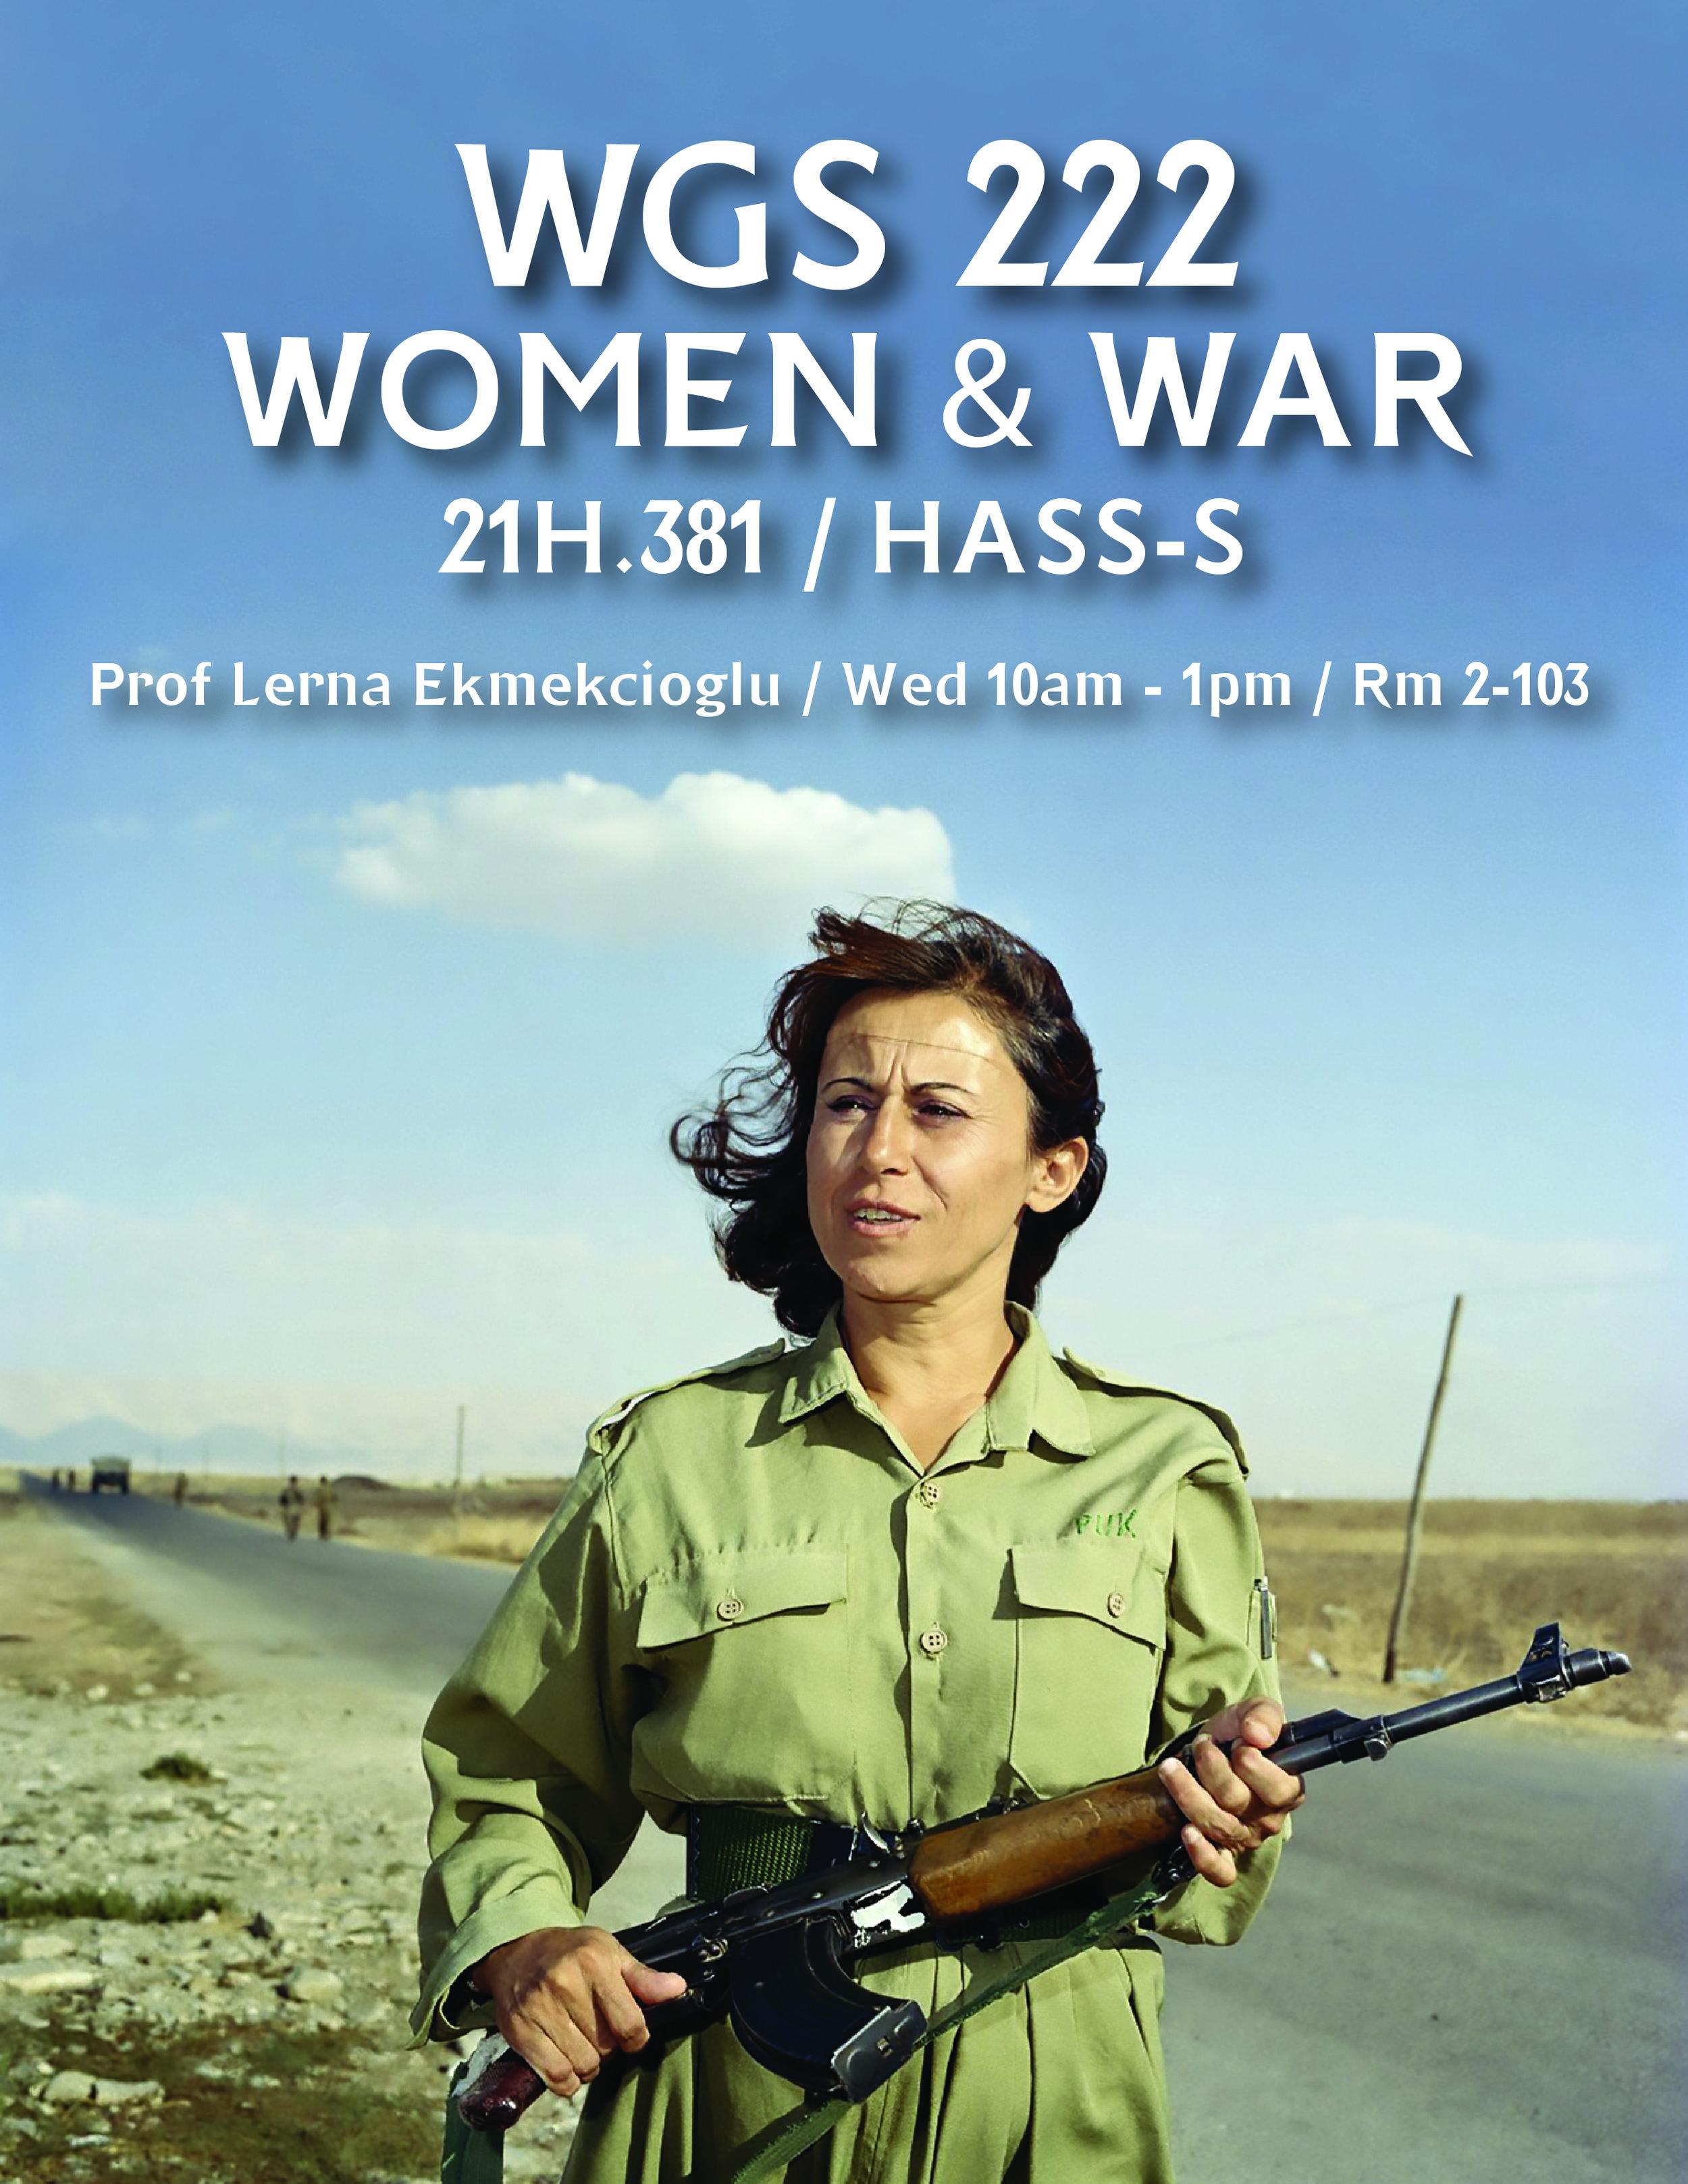 WGS222-Women+War-01.jpg